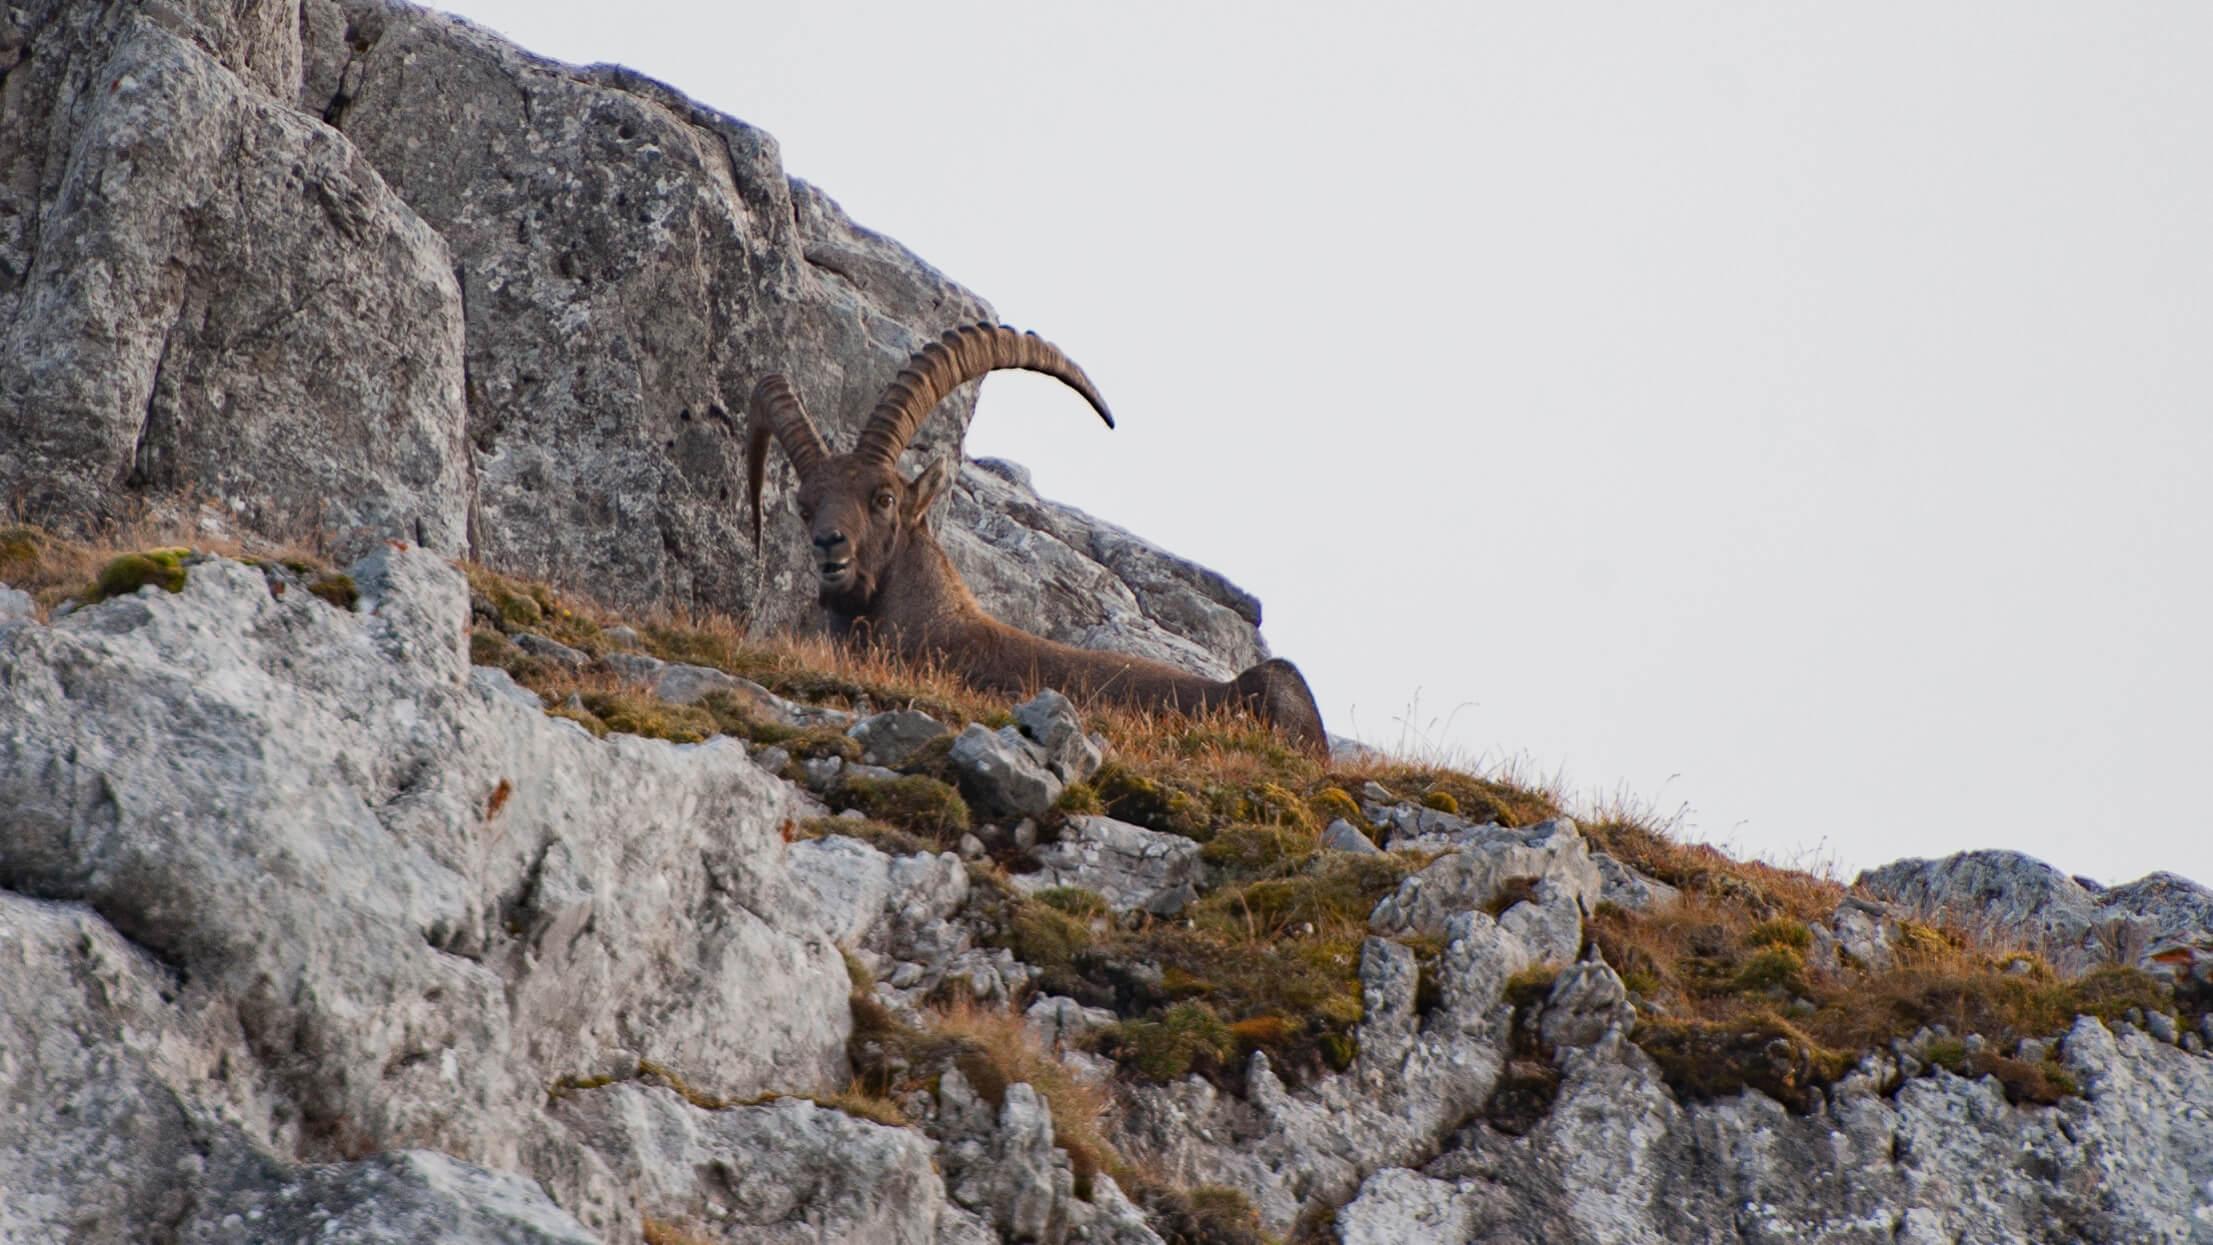 Steinbock-sitzt-auf-dem-Felsen.jpg